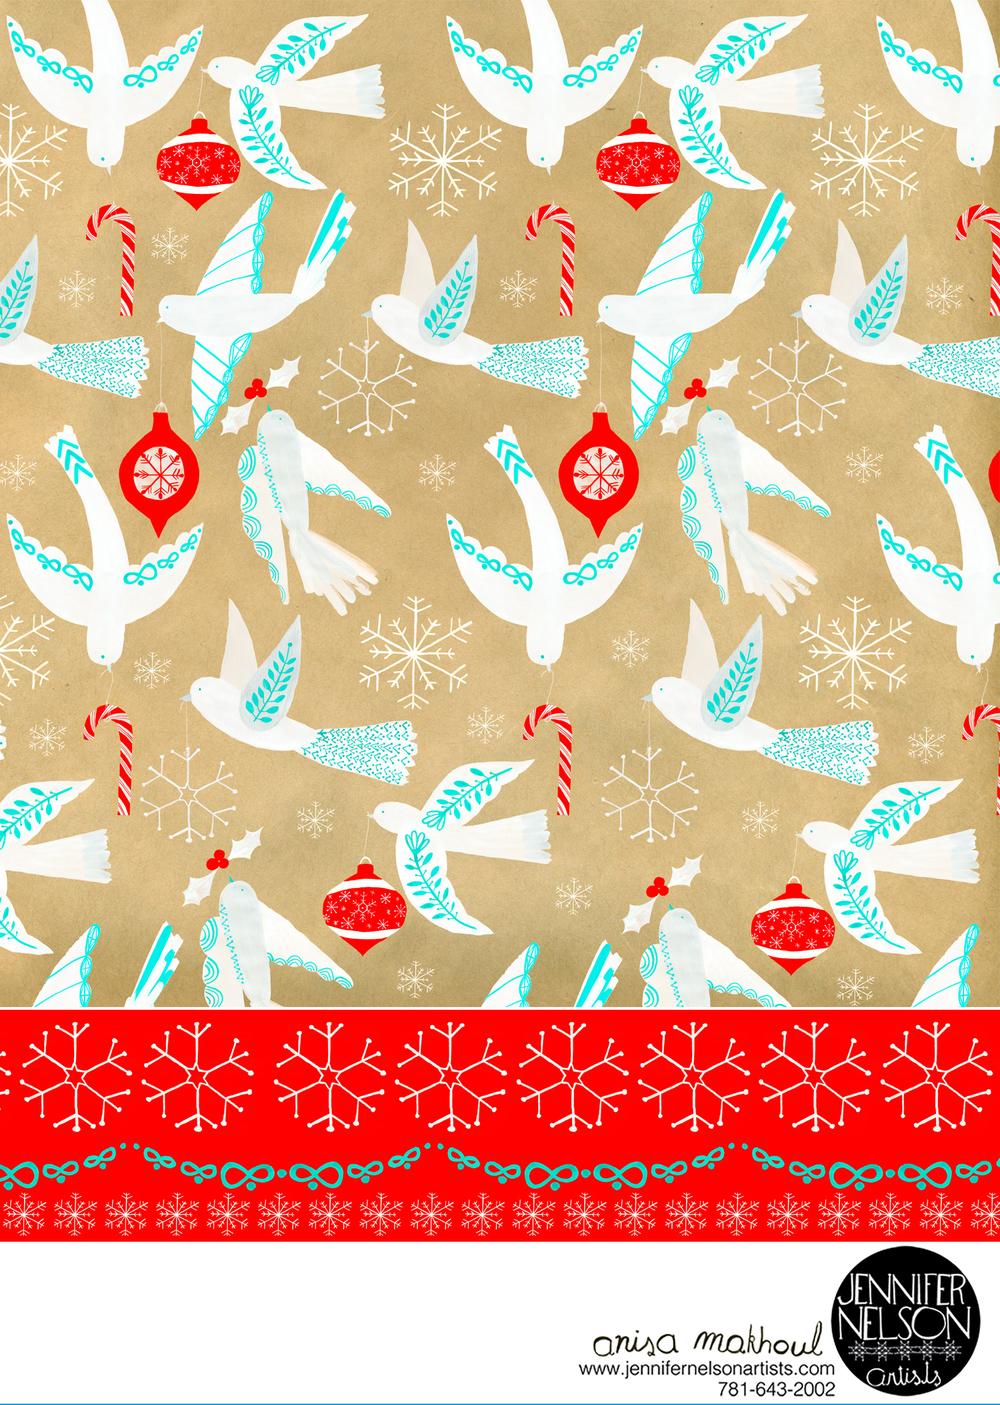 anisa_makhoul_ChristmasBirds